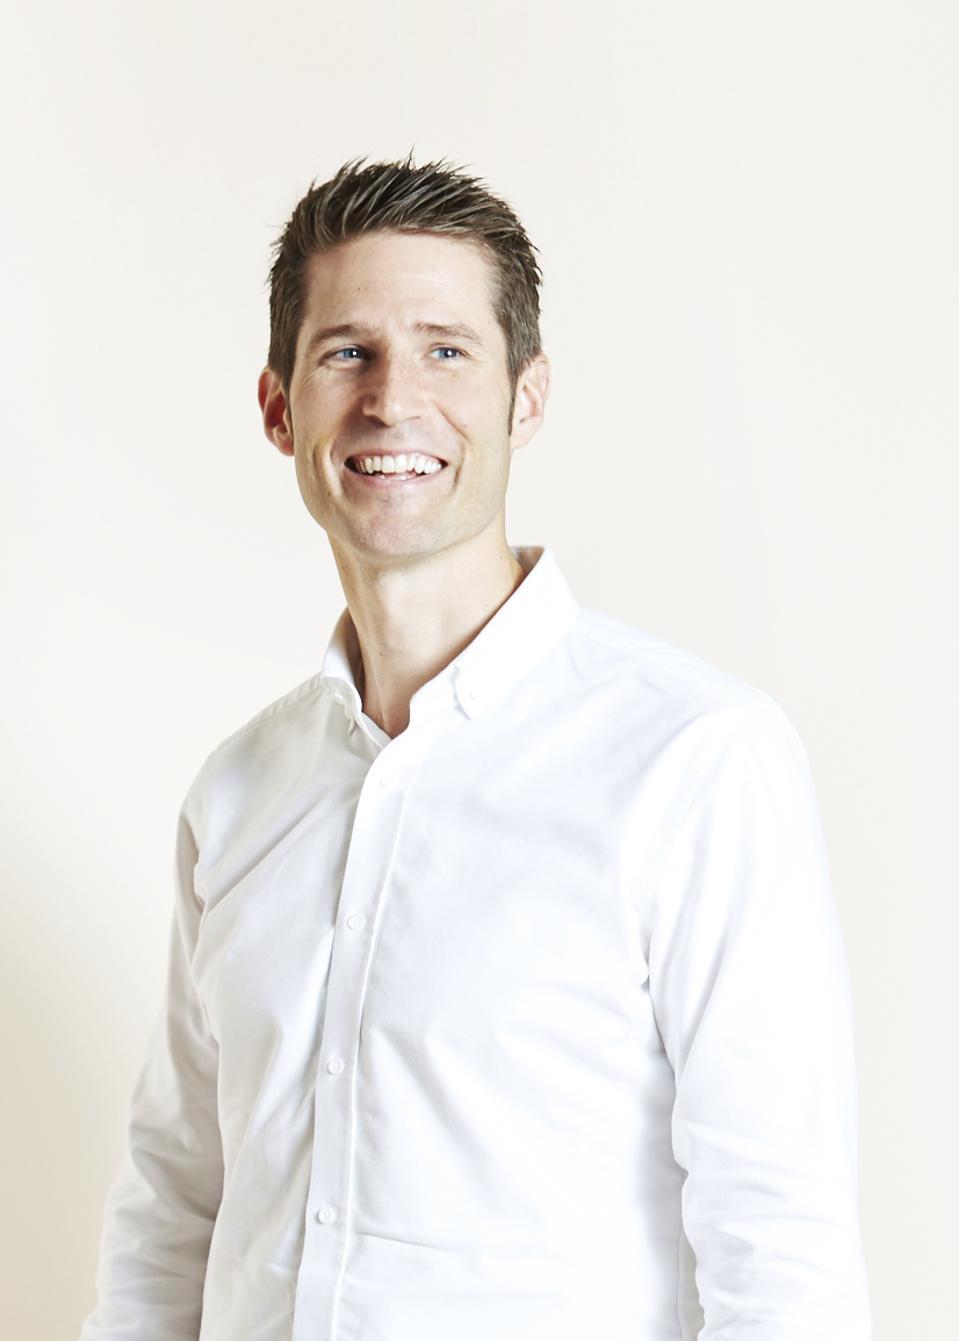 James Reinhart, CEO and cofounder of ThredUp